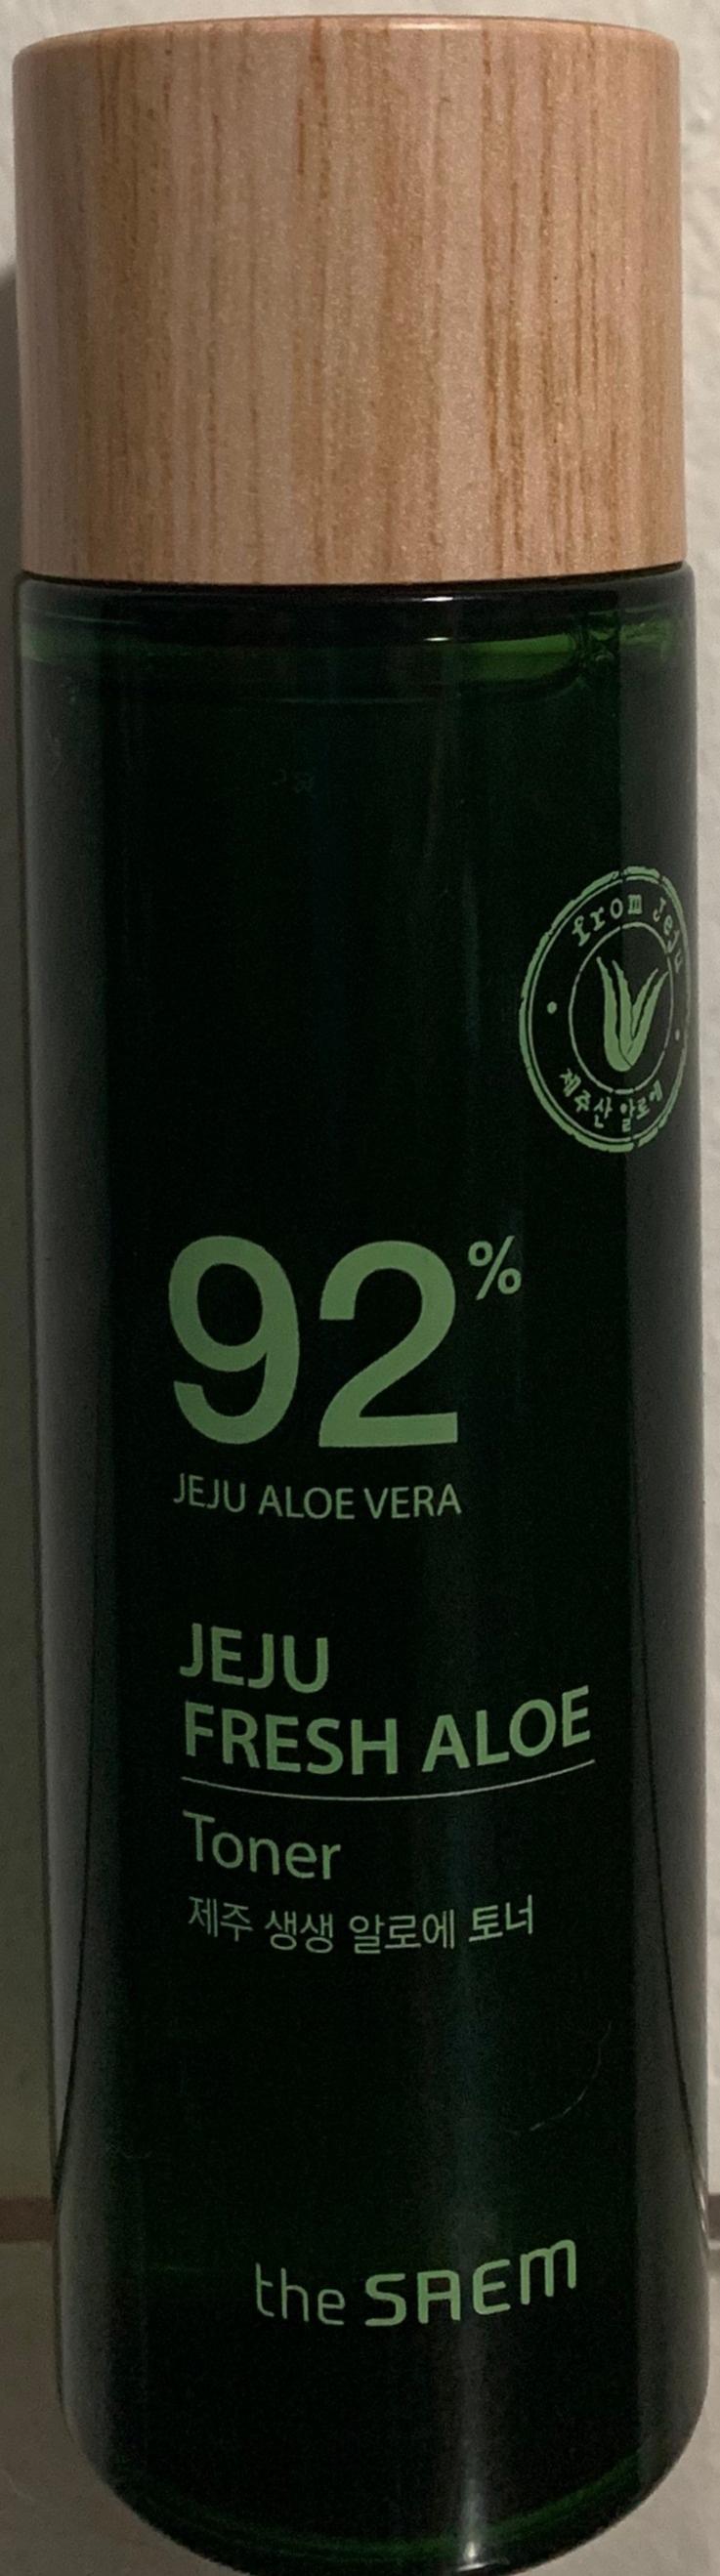 The Saem Jeju Fresh Aloe Toner 92%